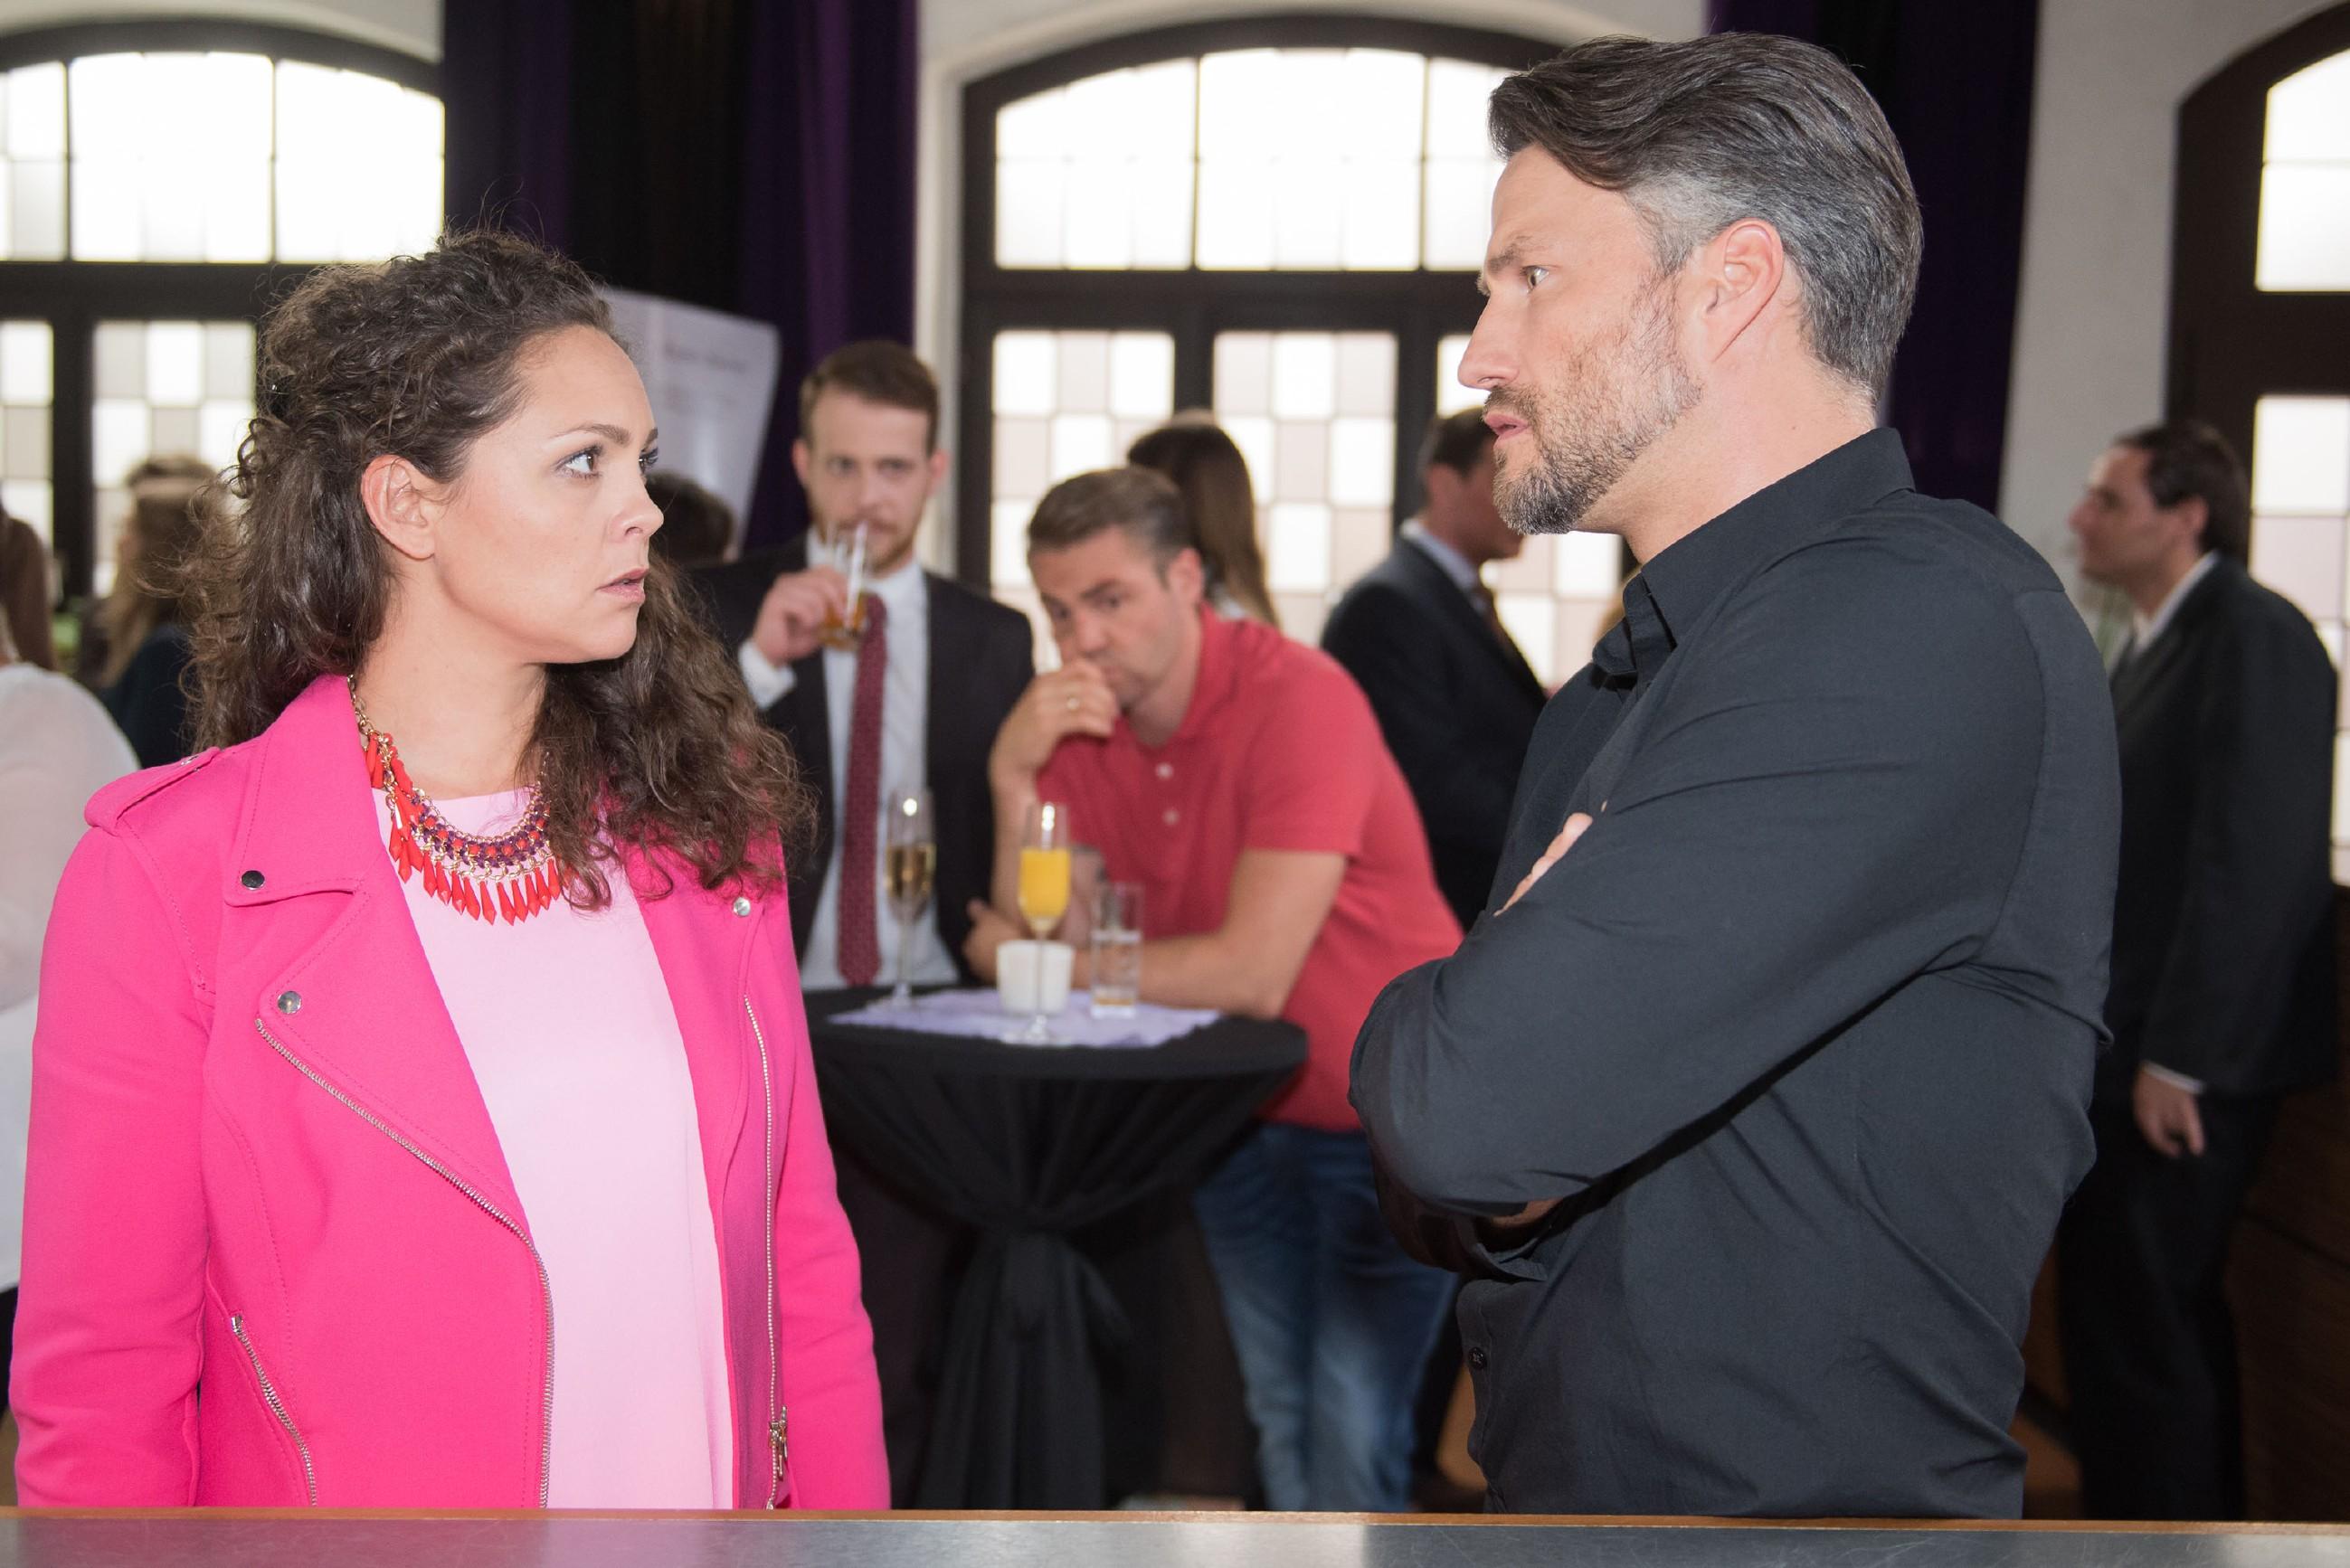 Caros (Ines Kurenbach) fast perfekter Auftritt verfehlt durch Tobias (Patrick Müller, hinten l.) Anwesenheit bei Malte (Stefan Bockelmann, r.) die erhoffte Wirkung. (Quelle: Foto: RTL / Stefan Behrens)